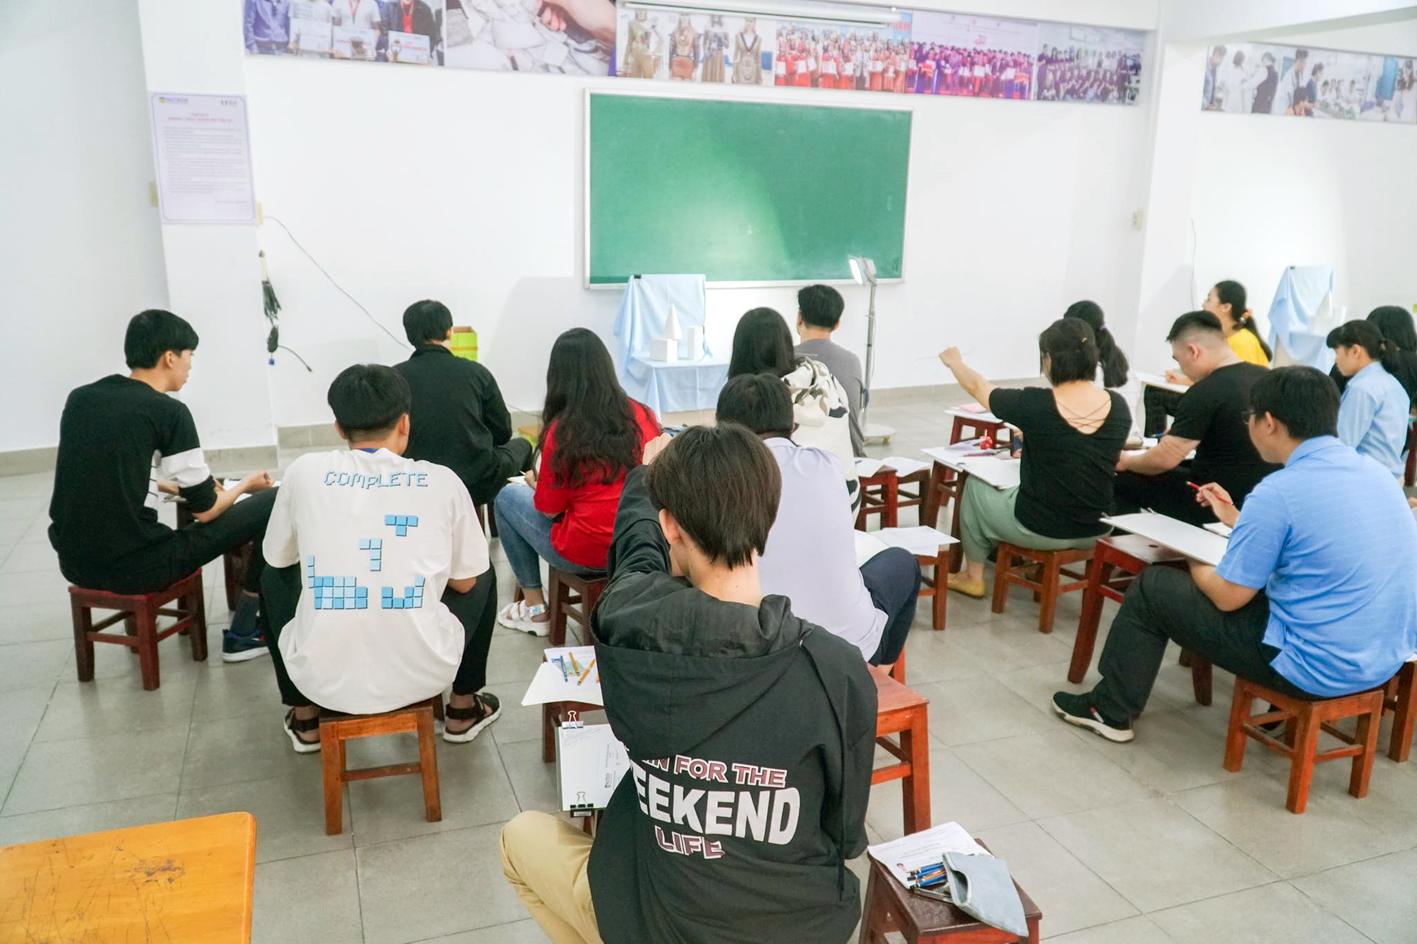 Thí sinh dự thi năng khiếu vẽ tại Trường đại học Công nghệ TP.HCM năm 2020 - ẢNH: PHÚC TRẦN